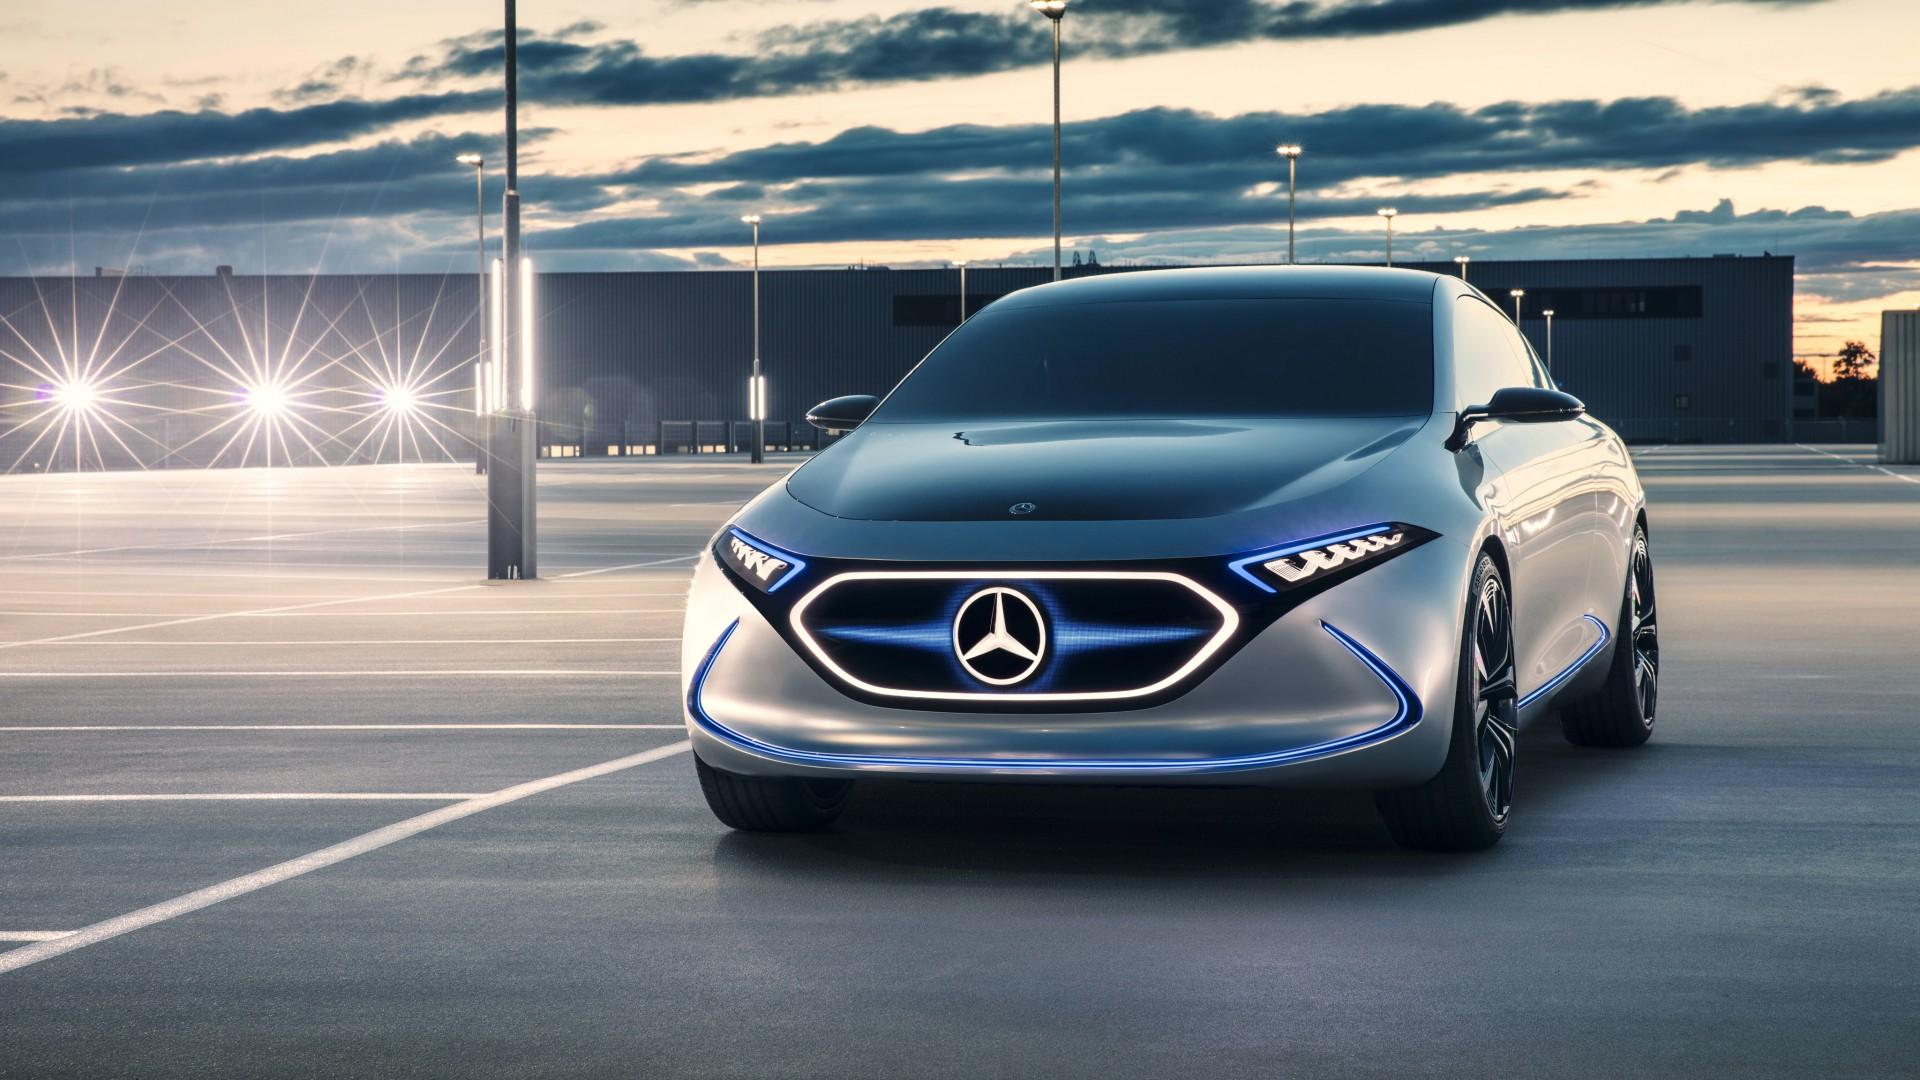 Wallpaper MercedesBenz Concept EQ electric car 4k Cars